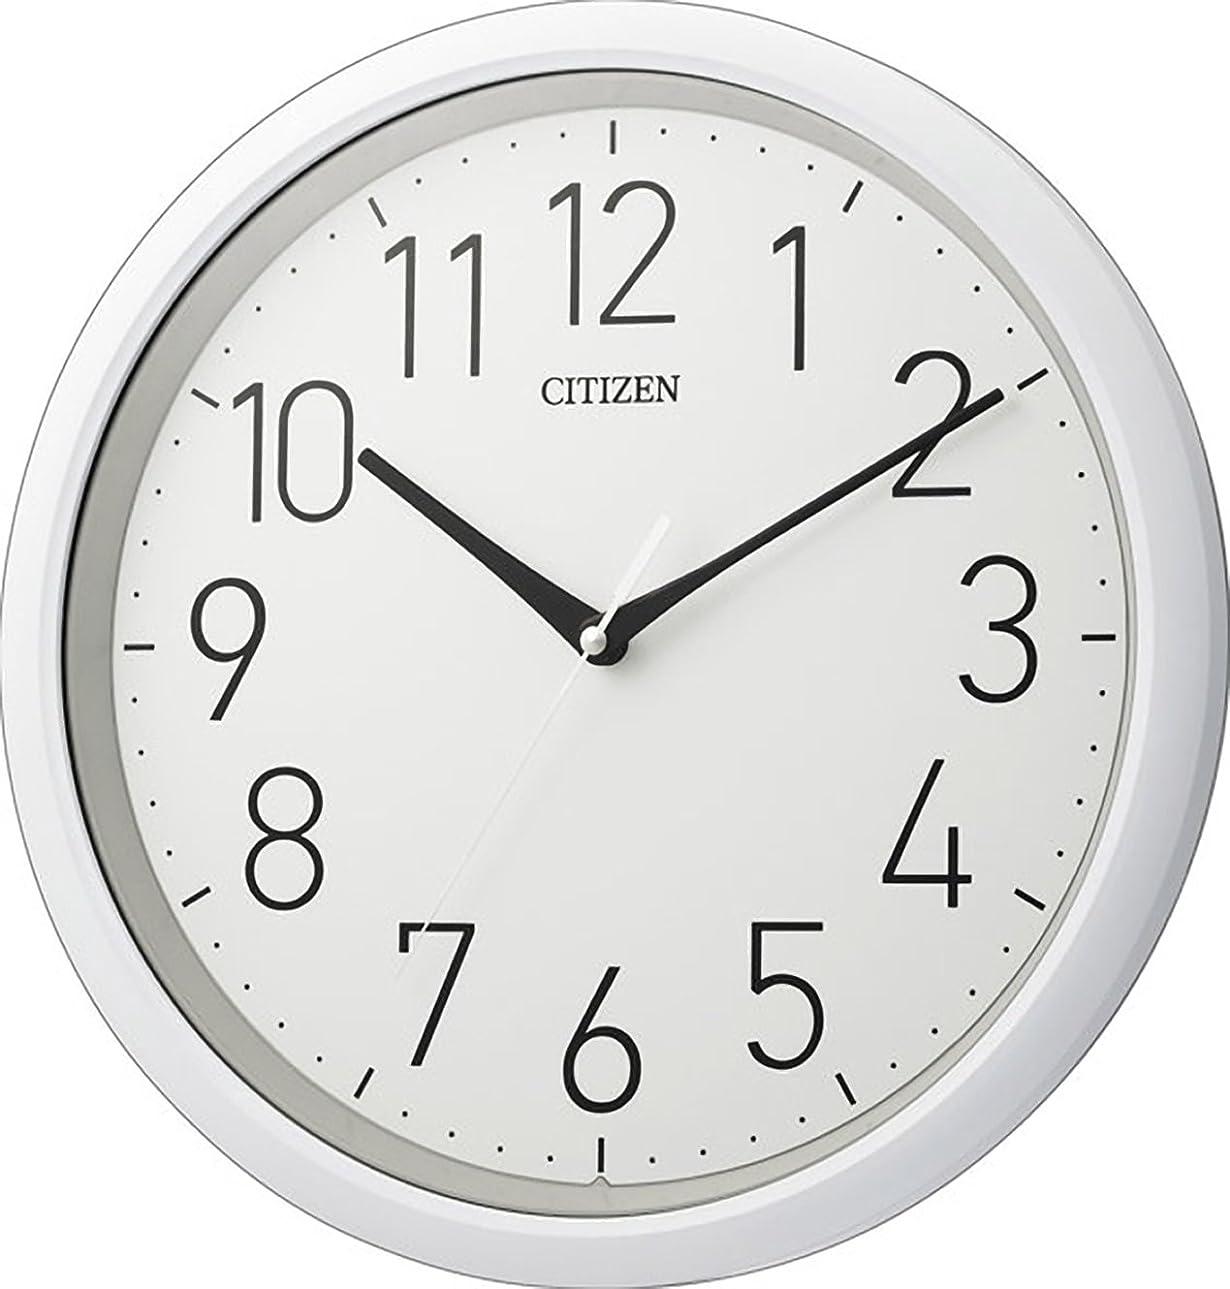 交流する縫う縁CITIZEN シチズン 掛け時計 防水 防塵 静音 白 CITIZEN 8MG799-003